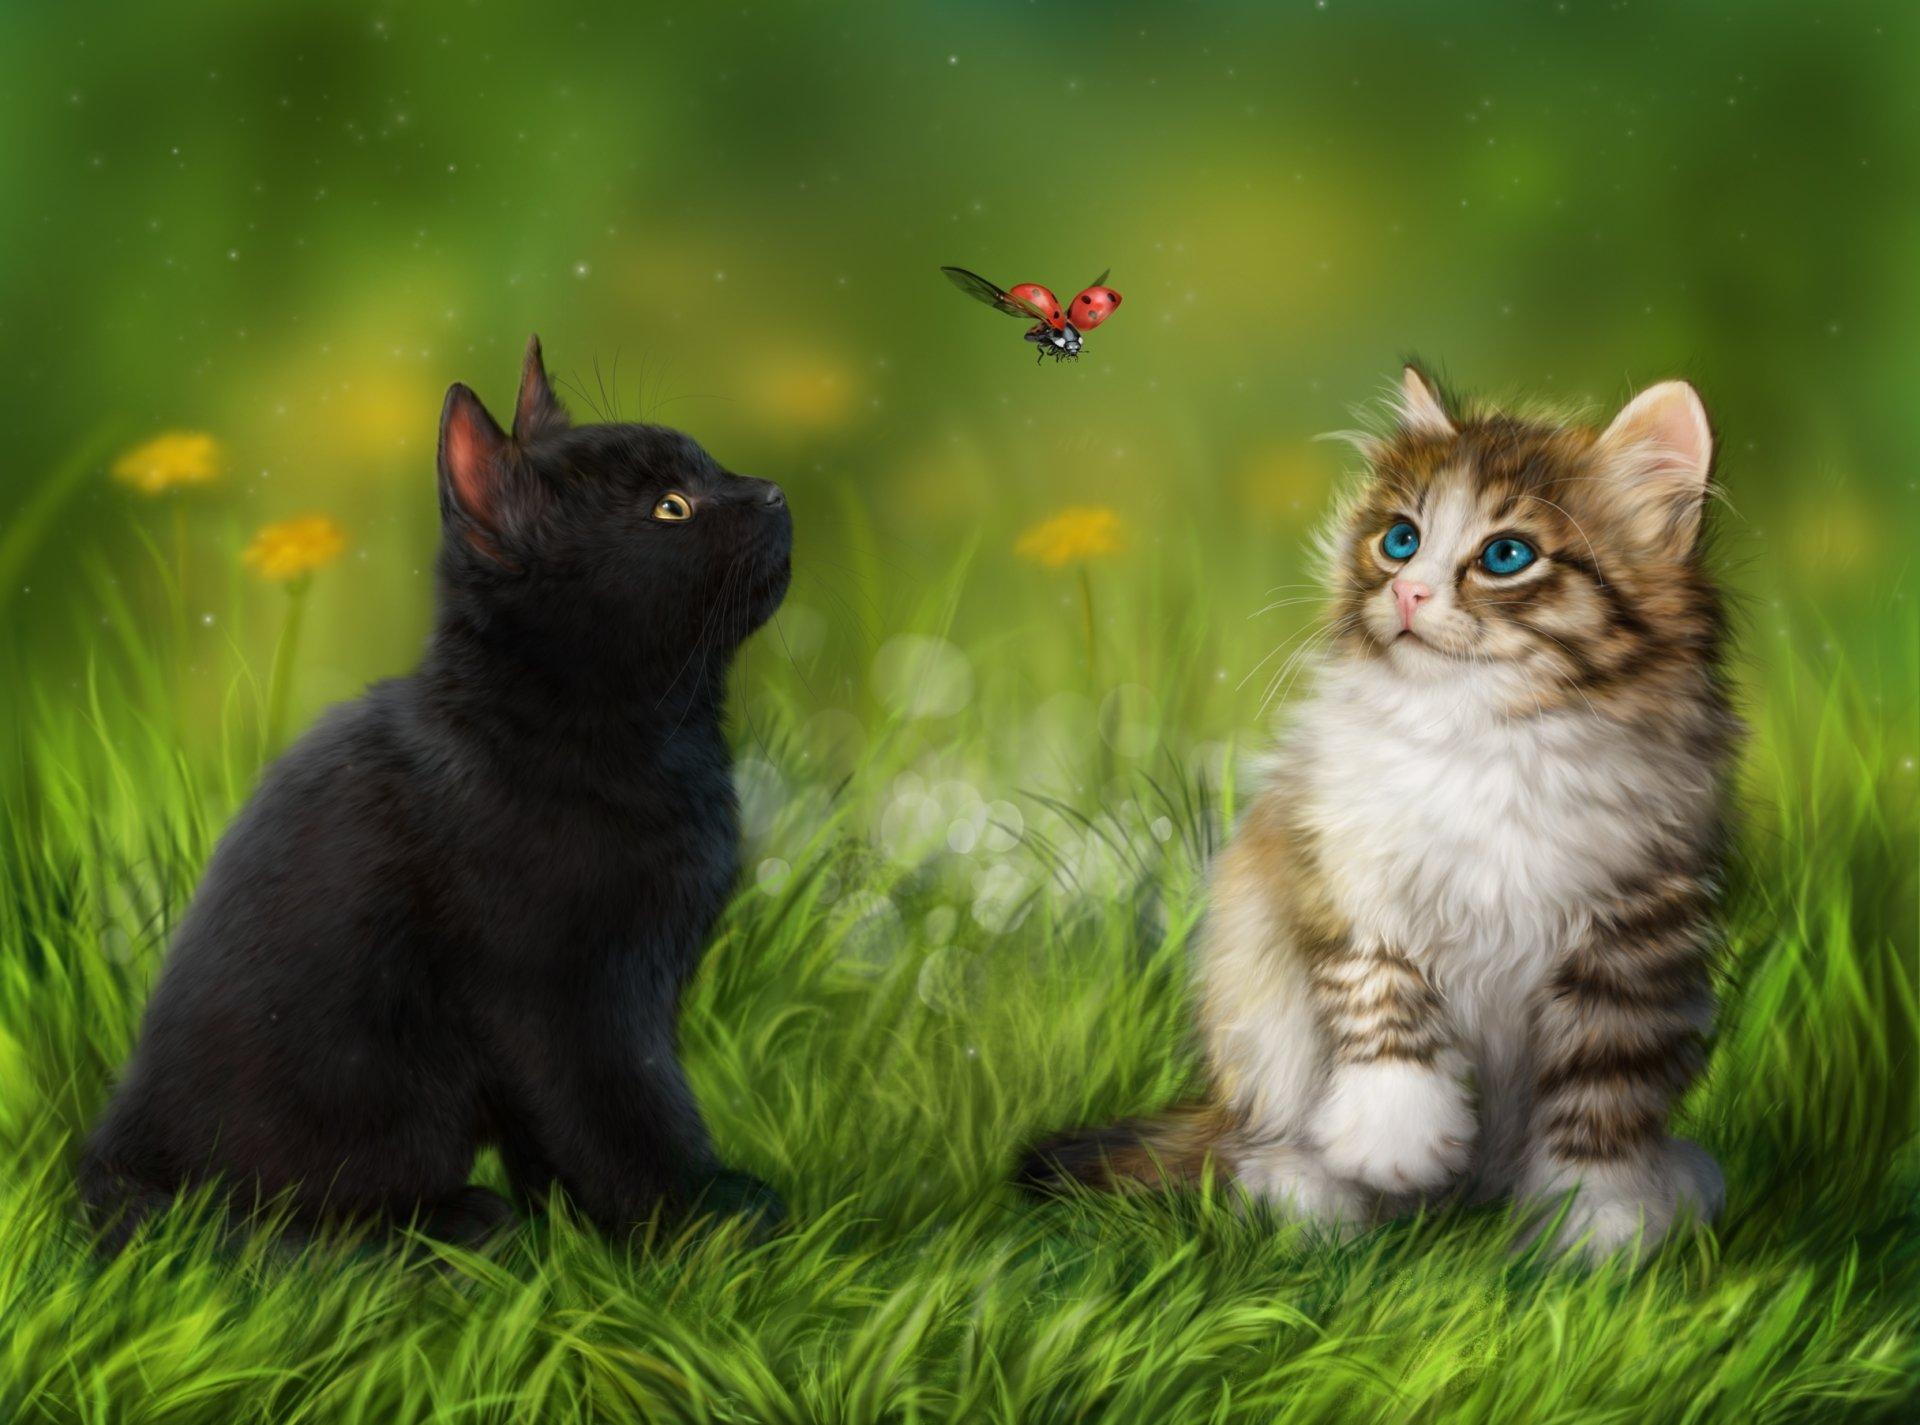 Cute Kittens Wallpaper For Iphone Cute Kittens In The Grass Fond D 233 Cran Hd Arri 232 Re Plan